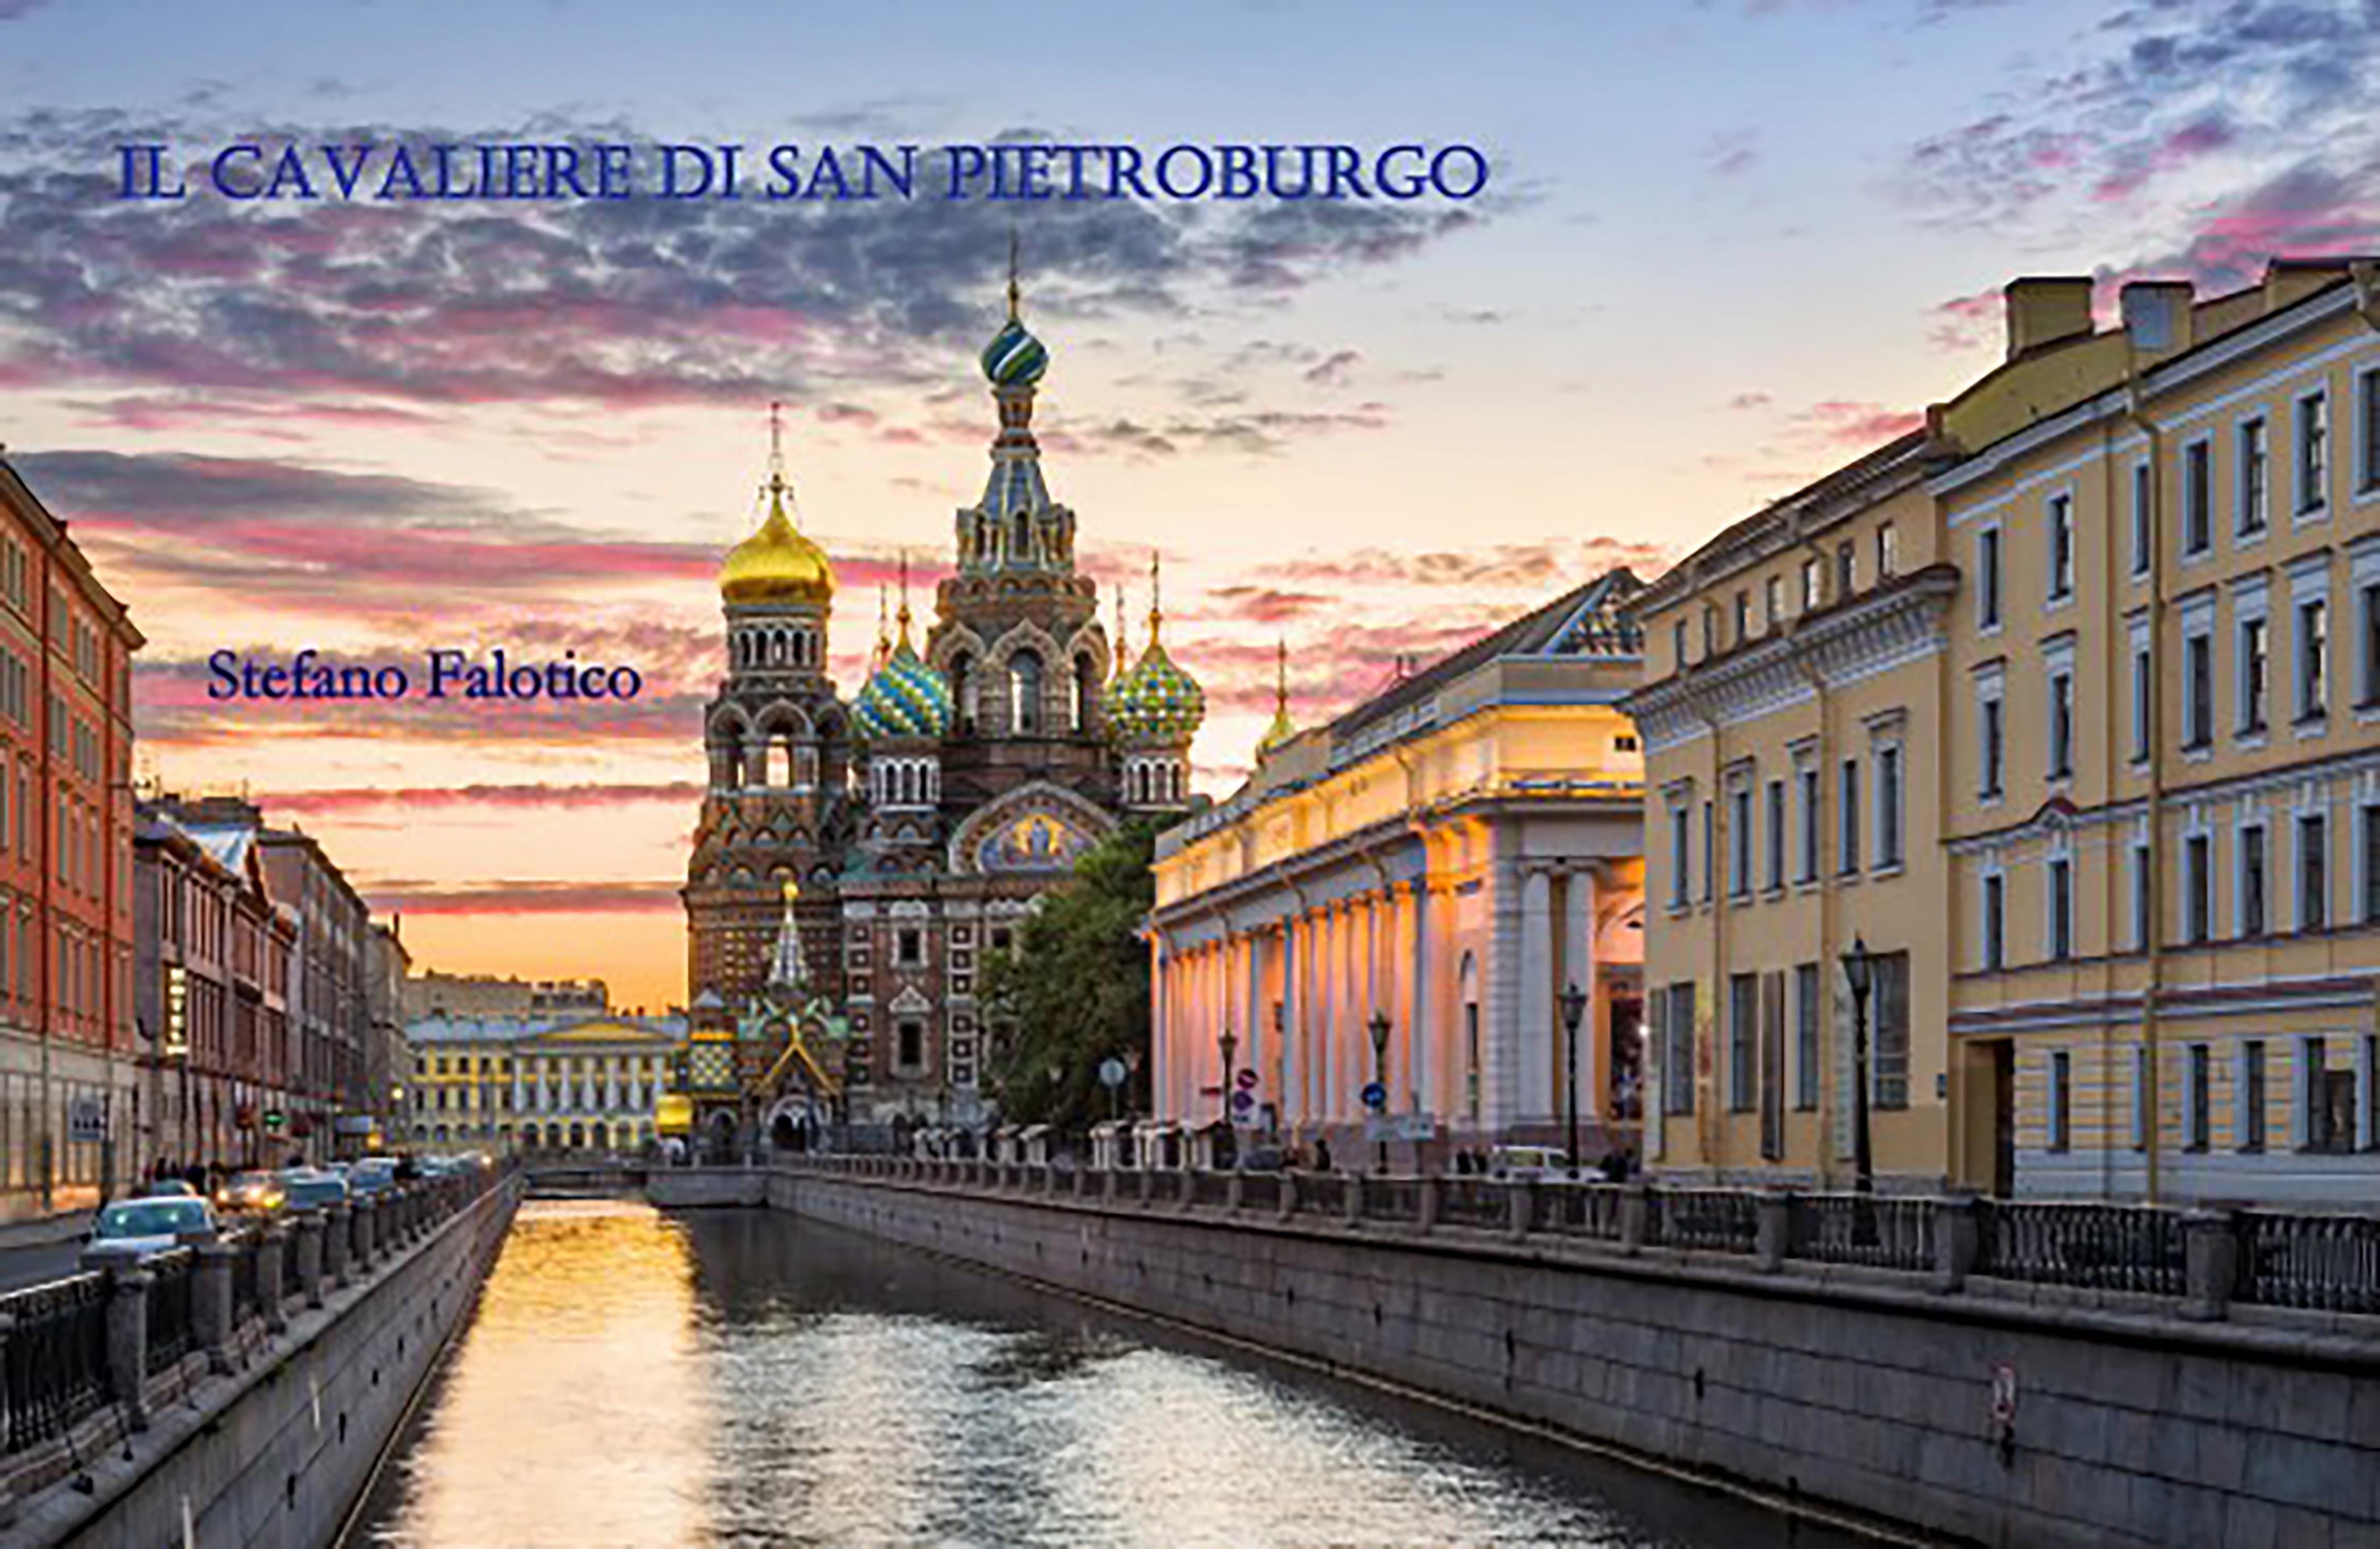 Il cavaliere di San Pietroburgo